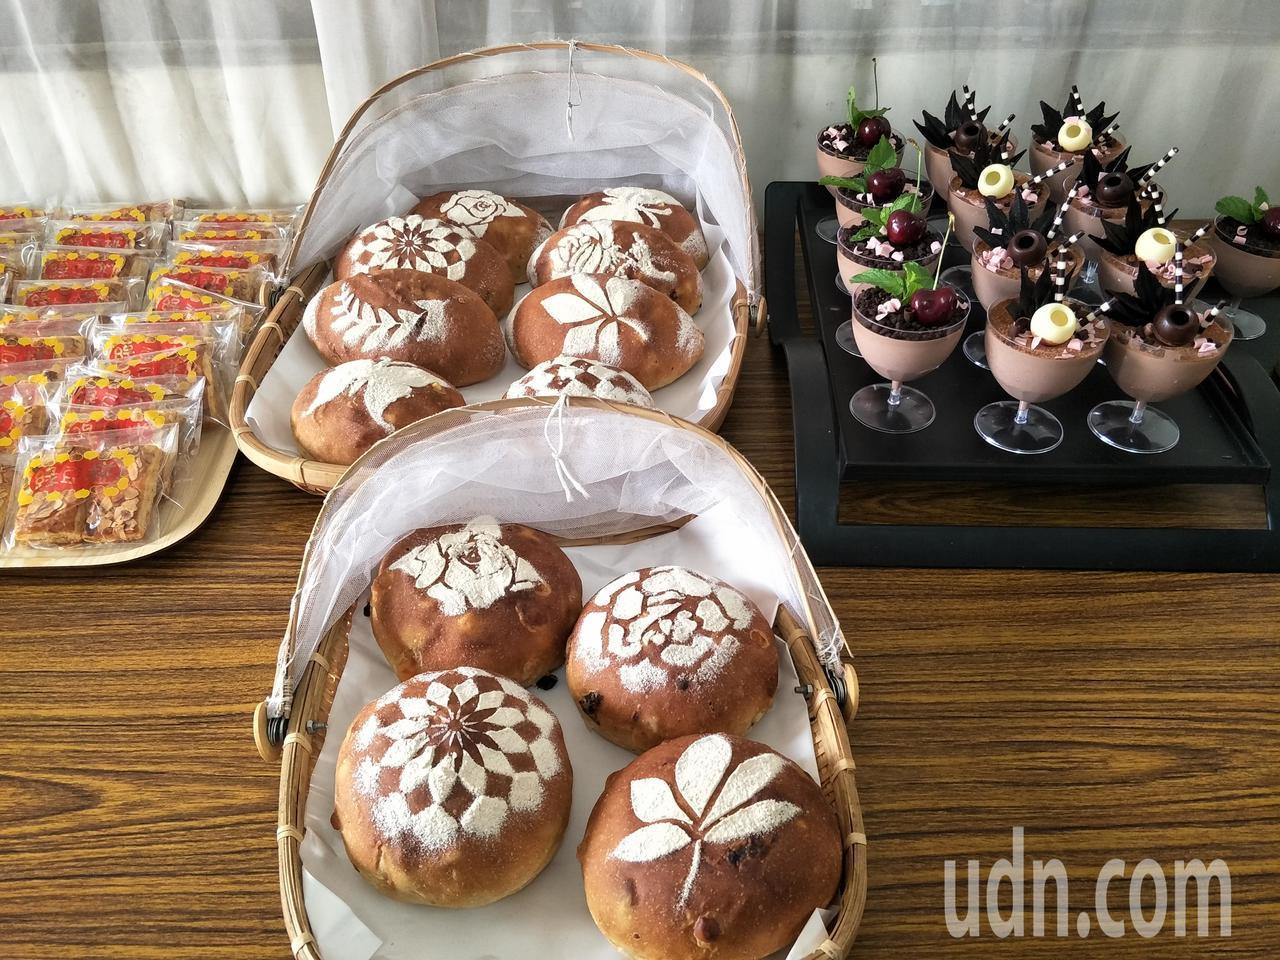 王鳳玲烘焙的歐式麵包。記者謝進盛╱攝影